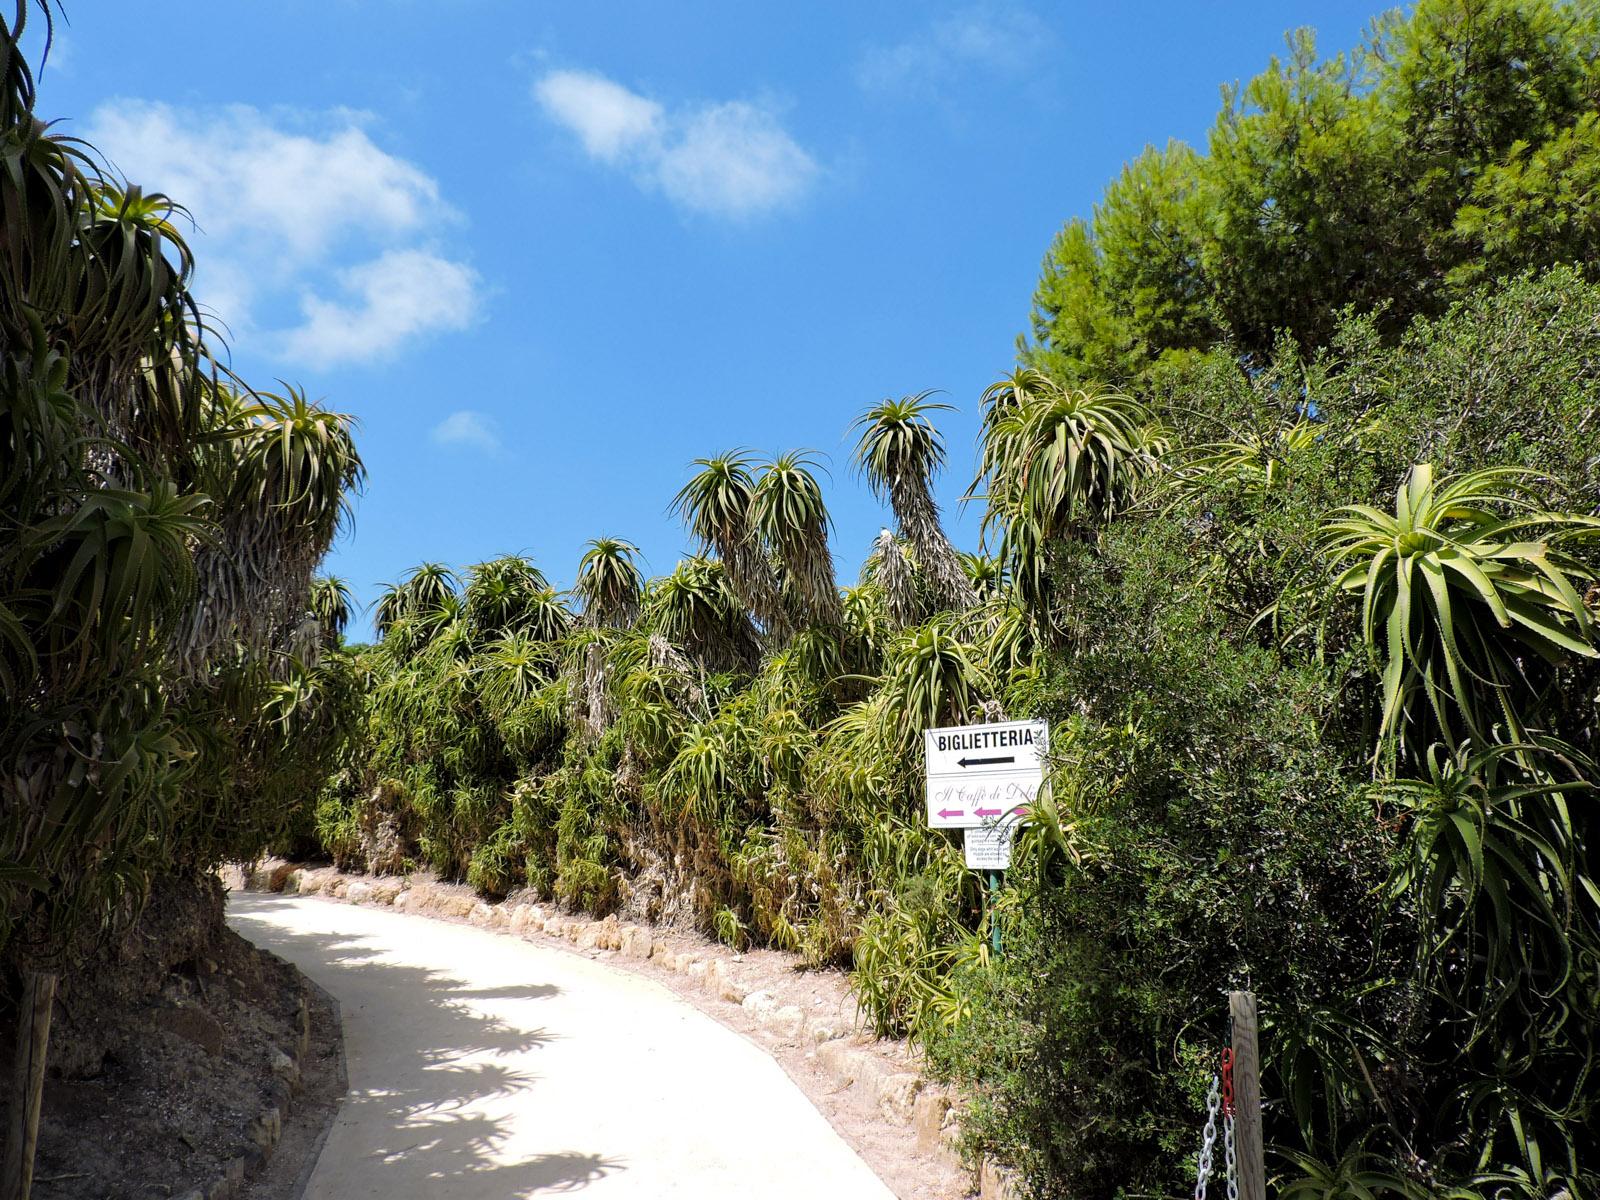 il sentiero contornato di fichi d'india che porta all'ingresso dell'isola di Mozia